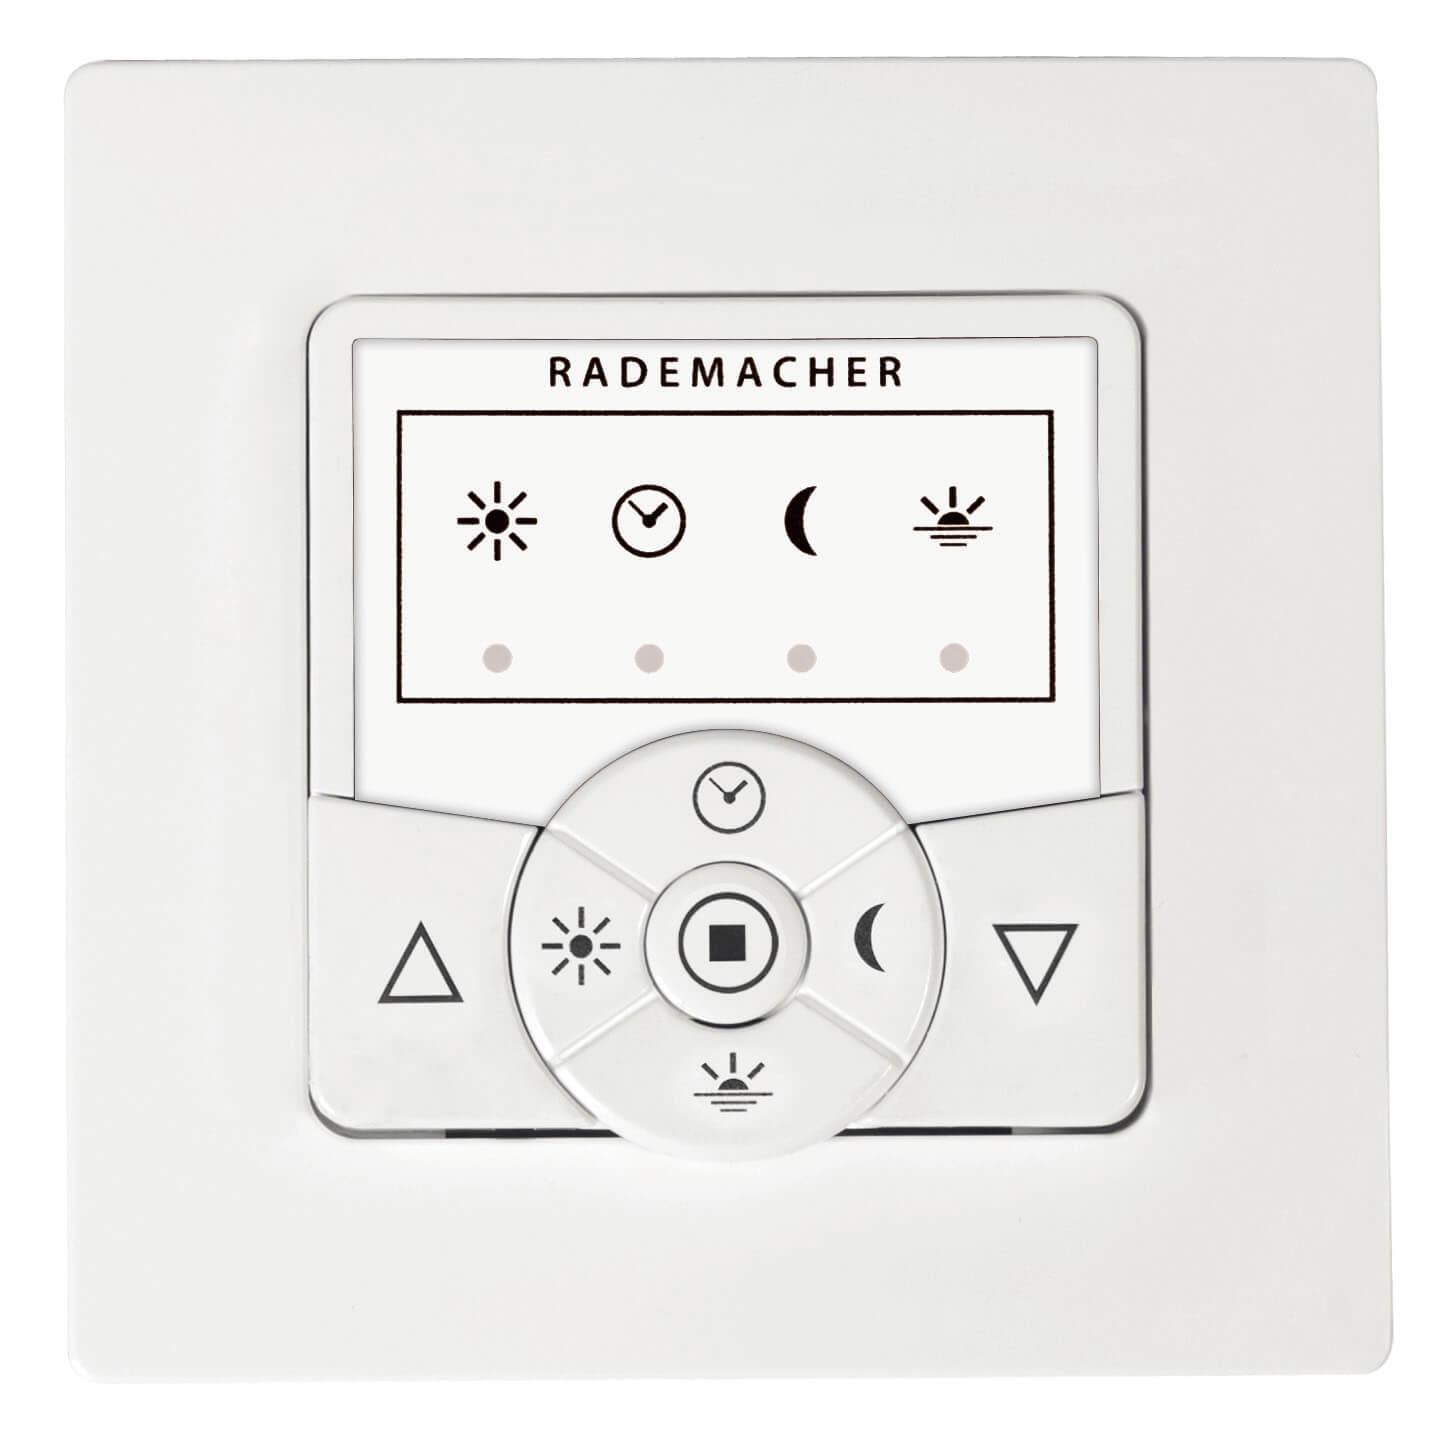 Rademacher DuoFern Troll Basis 5615 smarte Steuerung, ultraweiß, mit Tastfunktion und Uhr